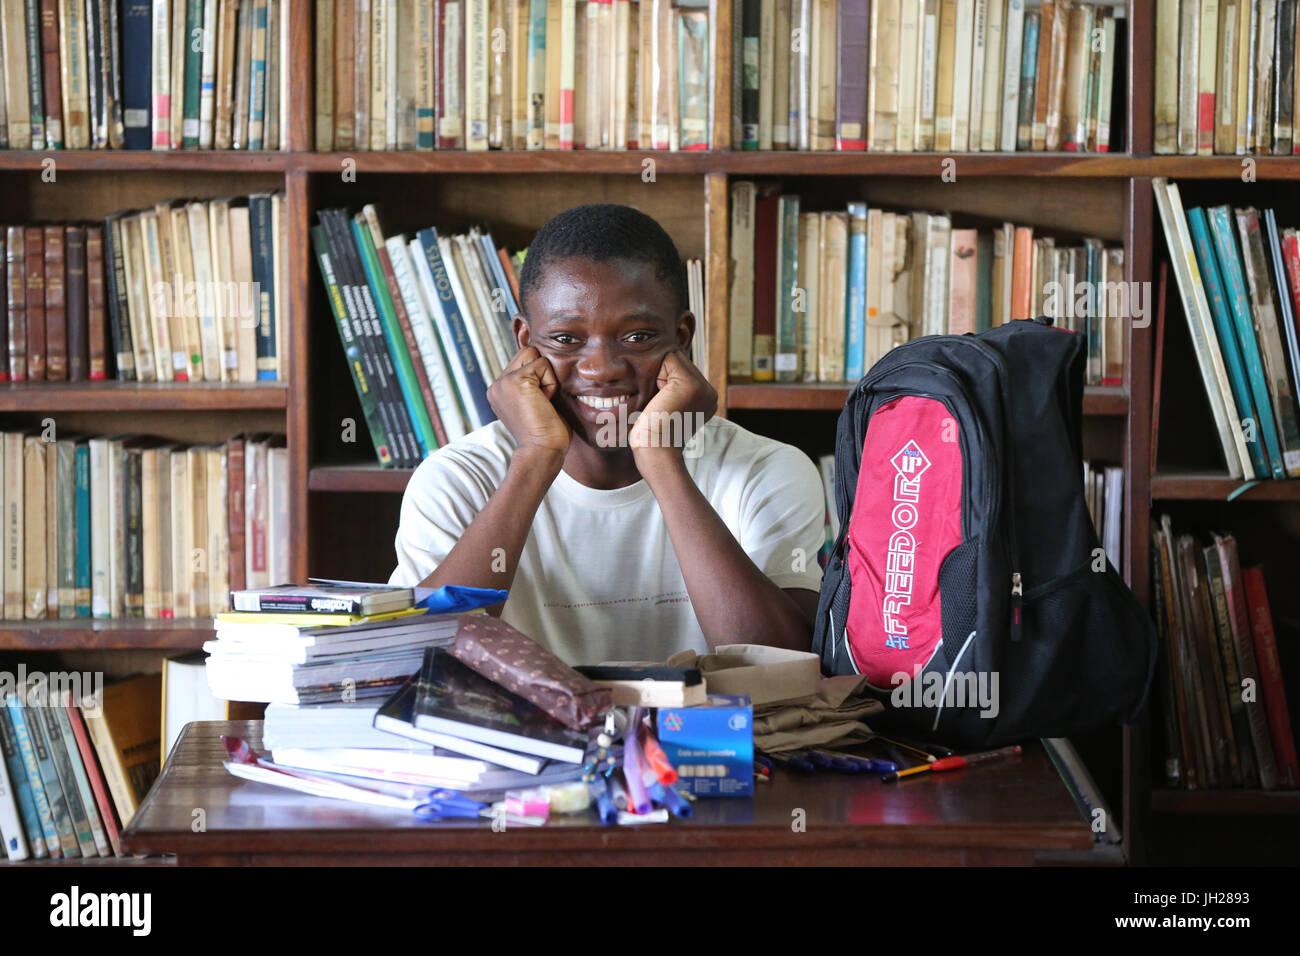 L'école africaine. Garçon parrainé par l'ONG française: la chaîne de l'Espoir. Lome. Le Togo. Banque D'Images